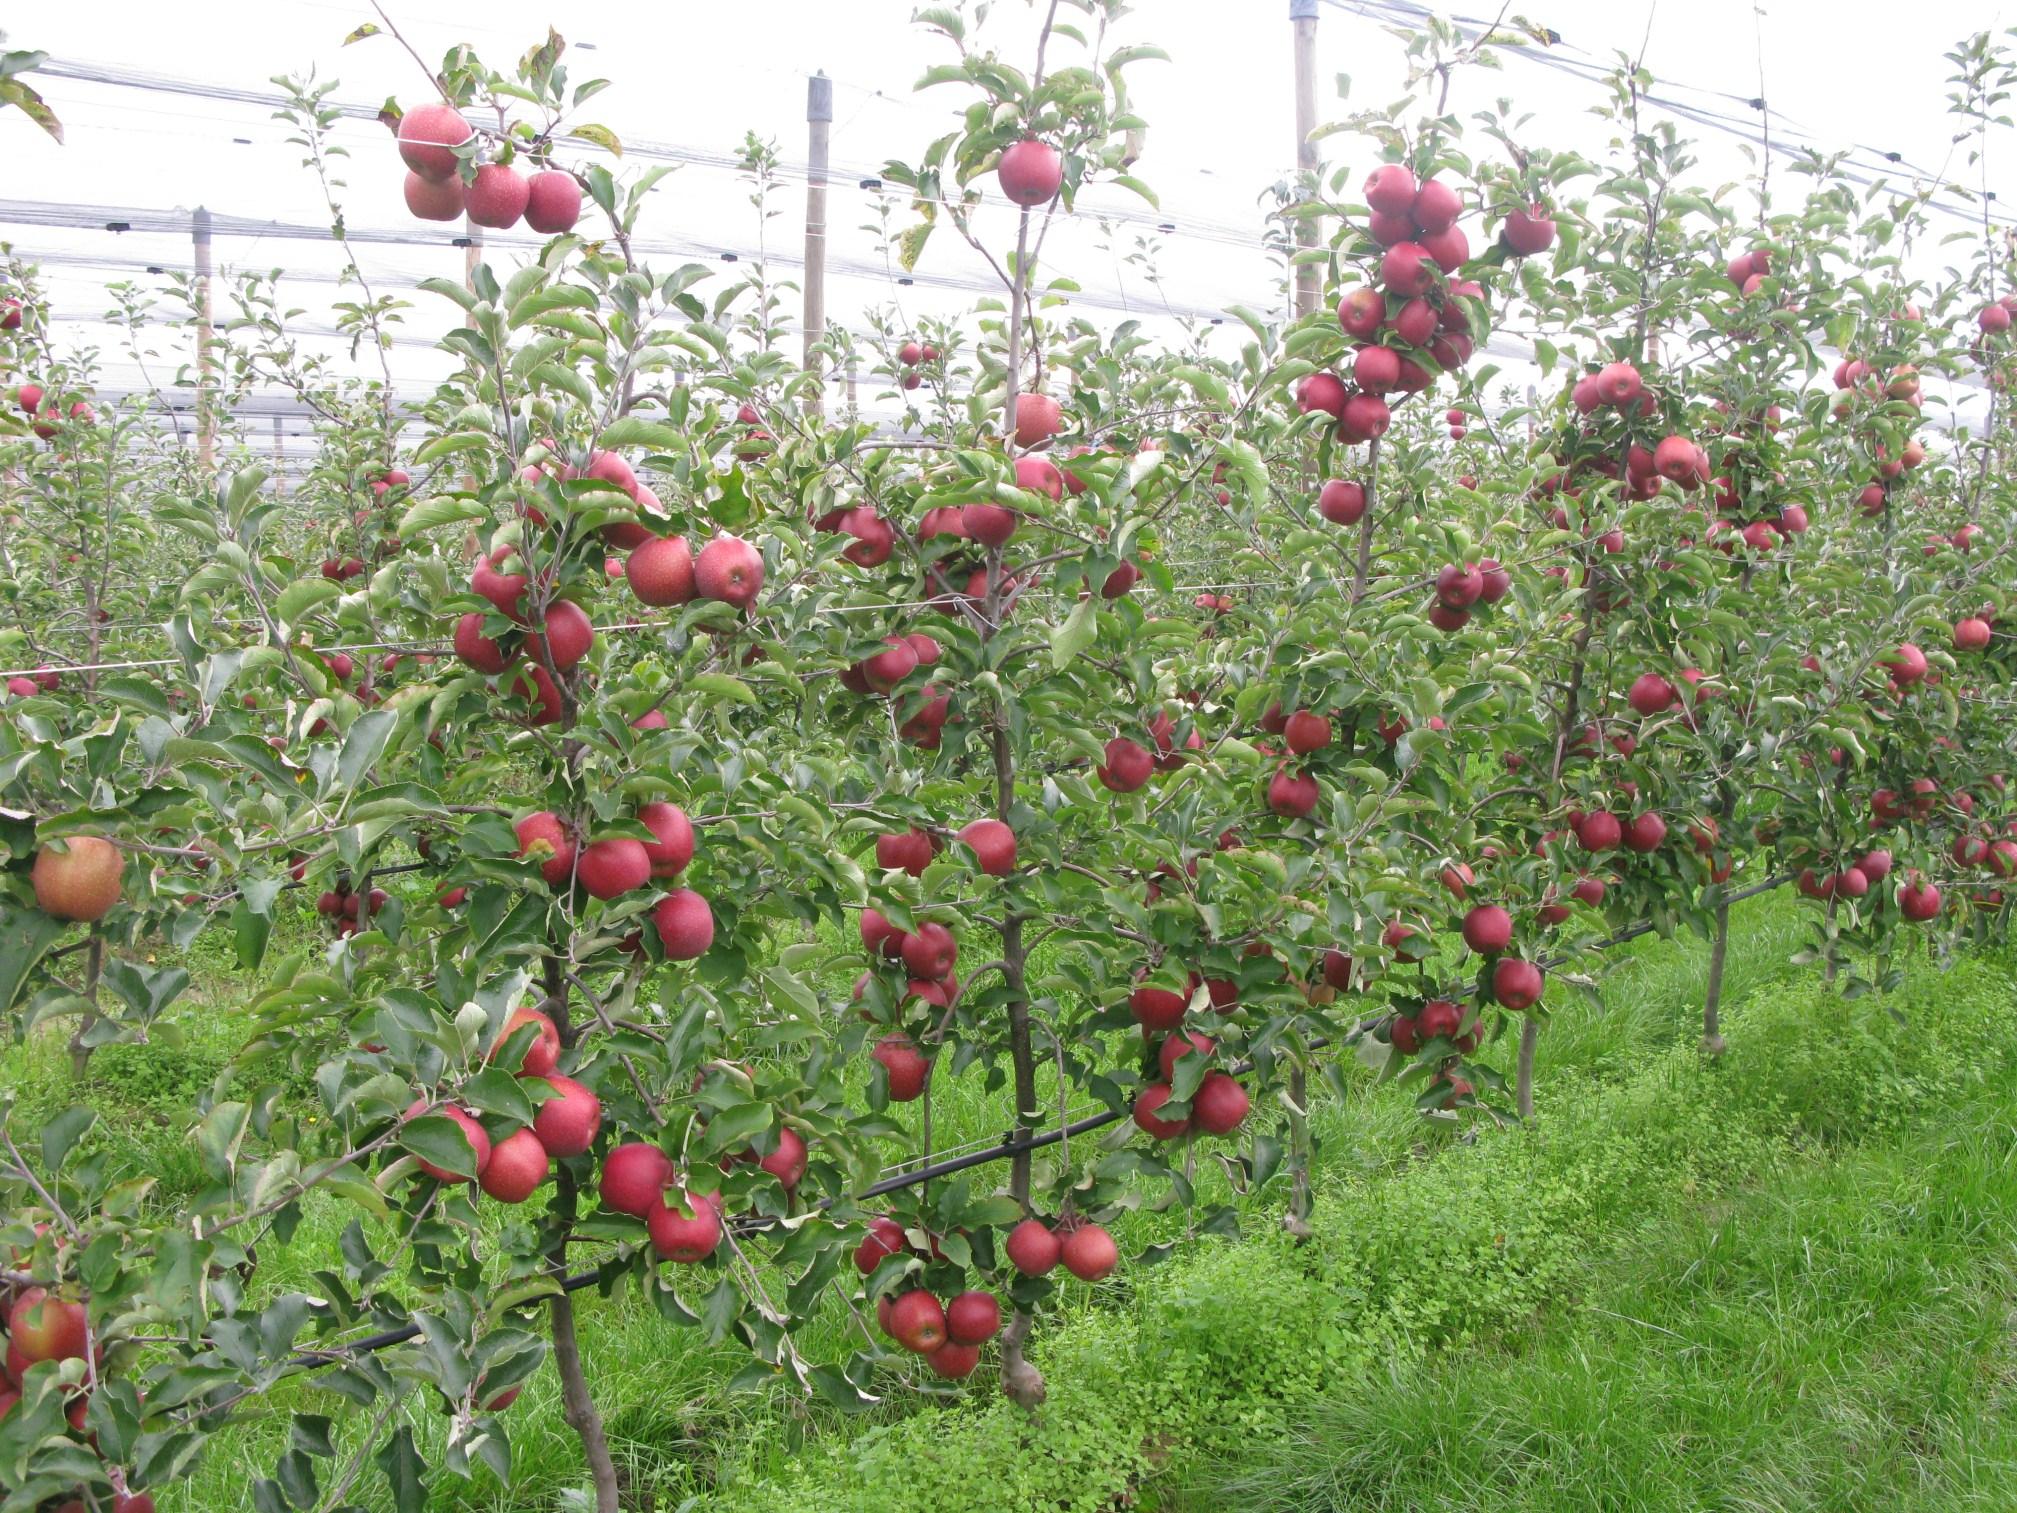 Kako se proizvodi hrana?: Eko proizvodnja jabuka i voća Jug